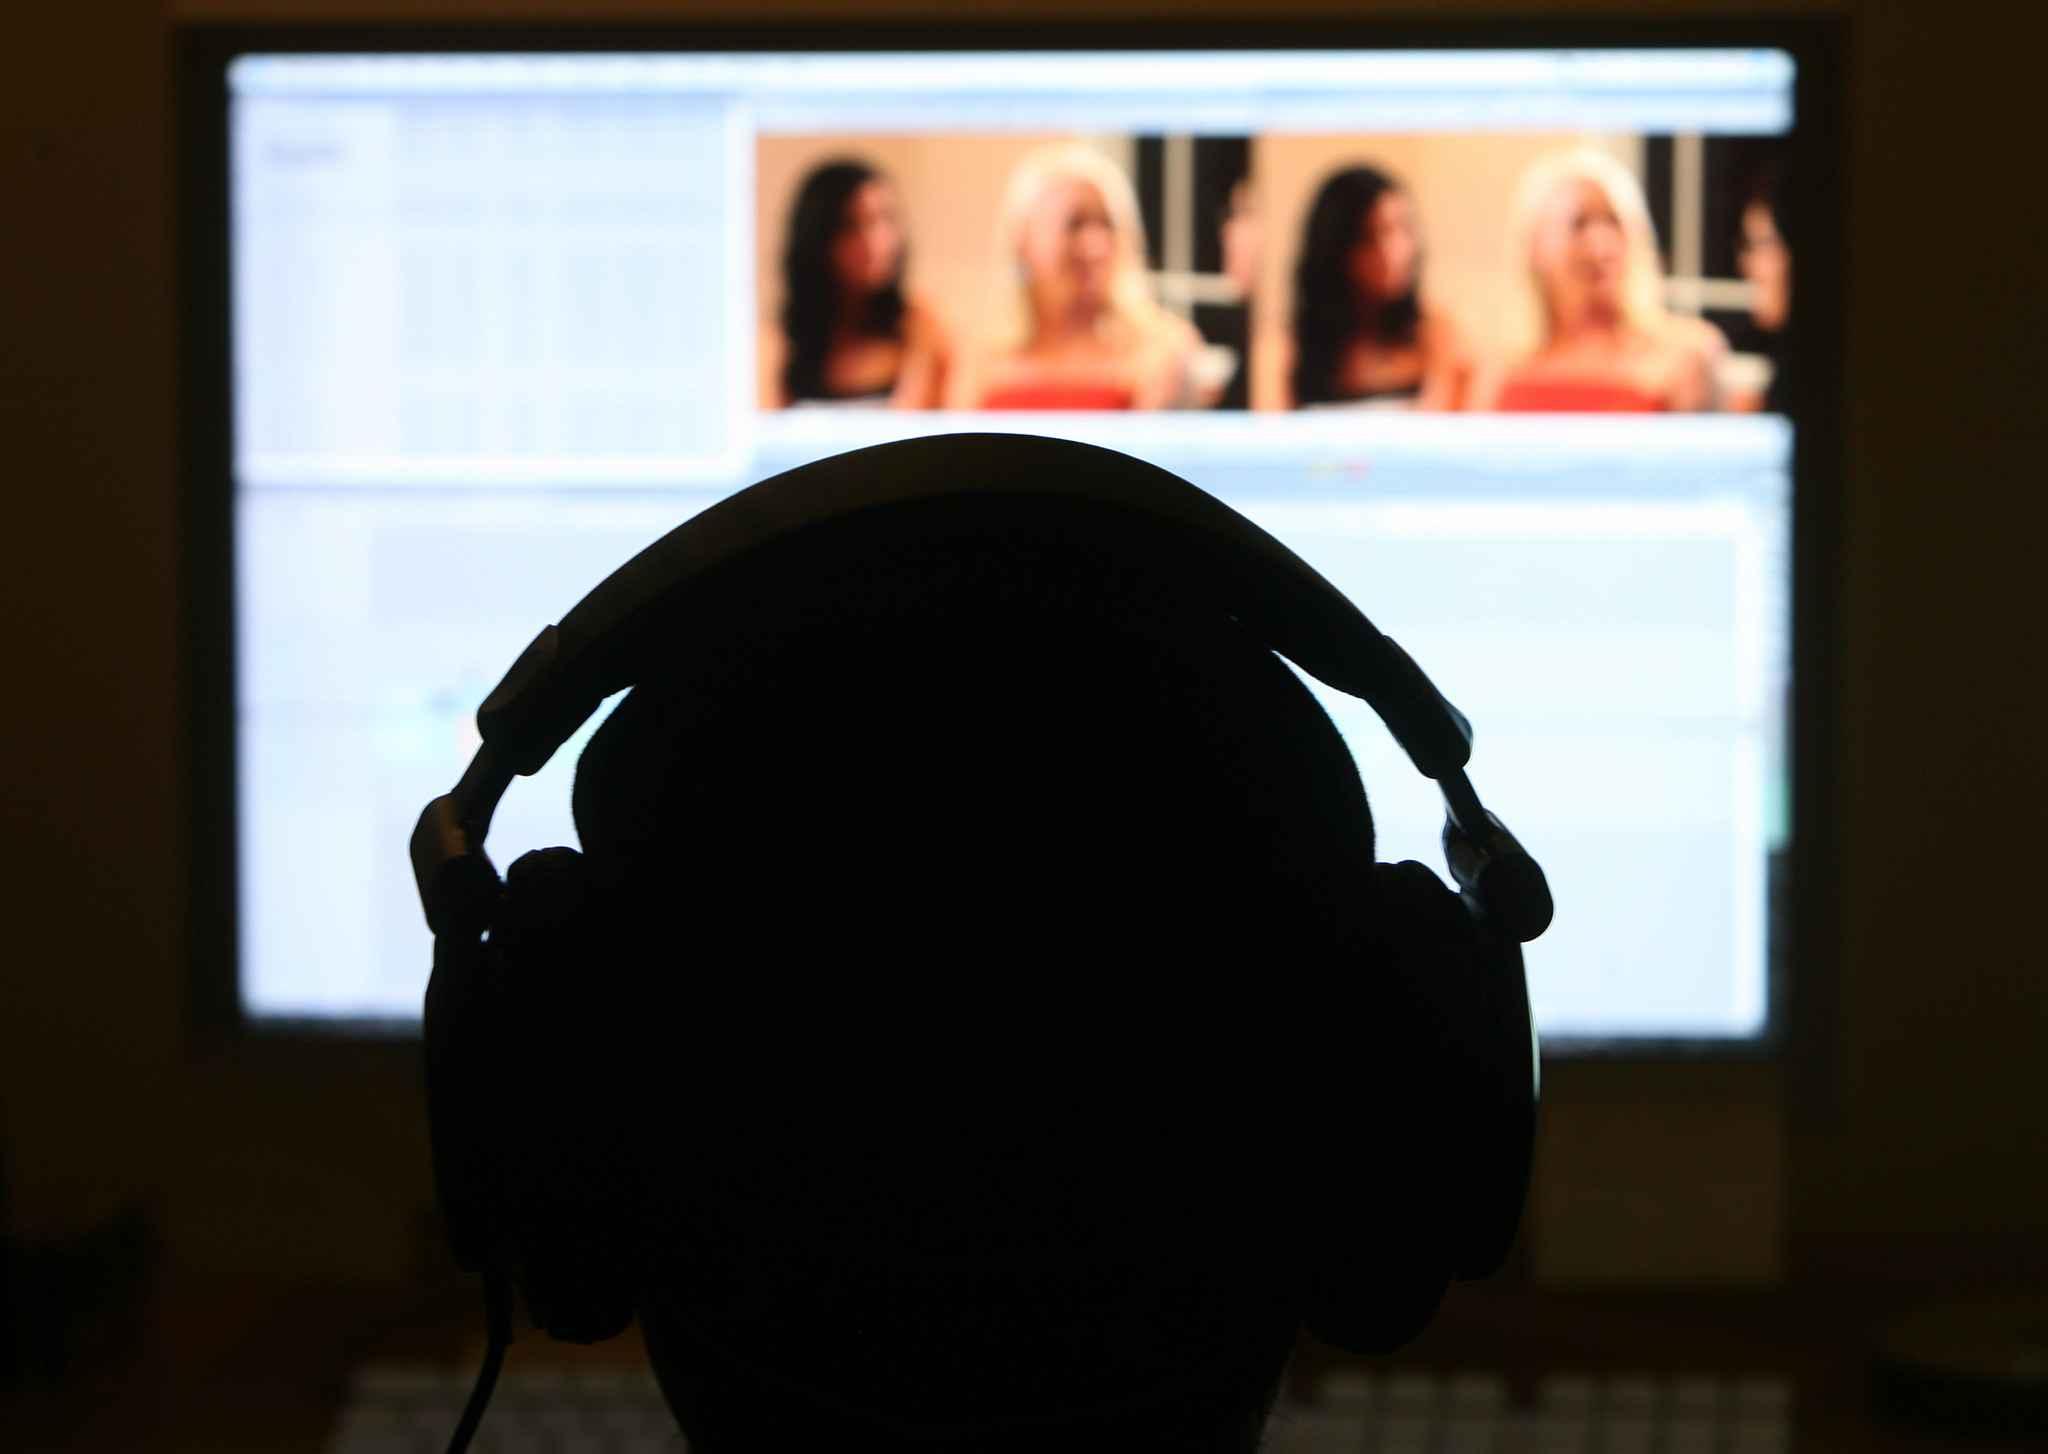 www porn moins de20ans com